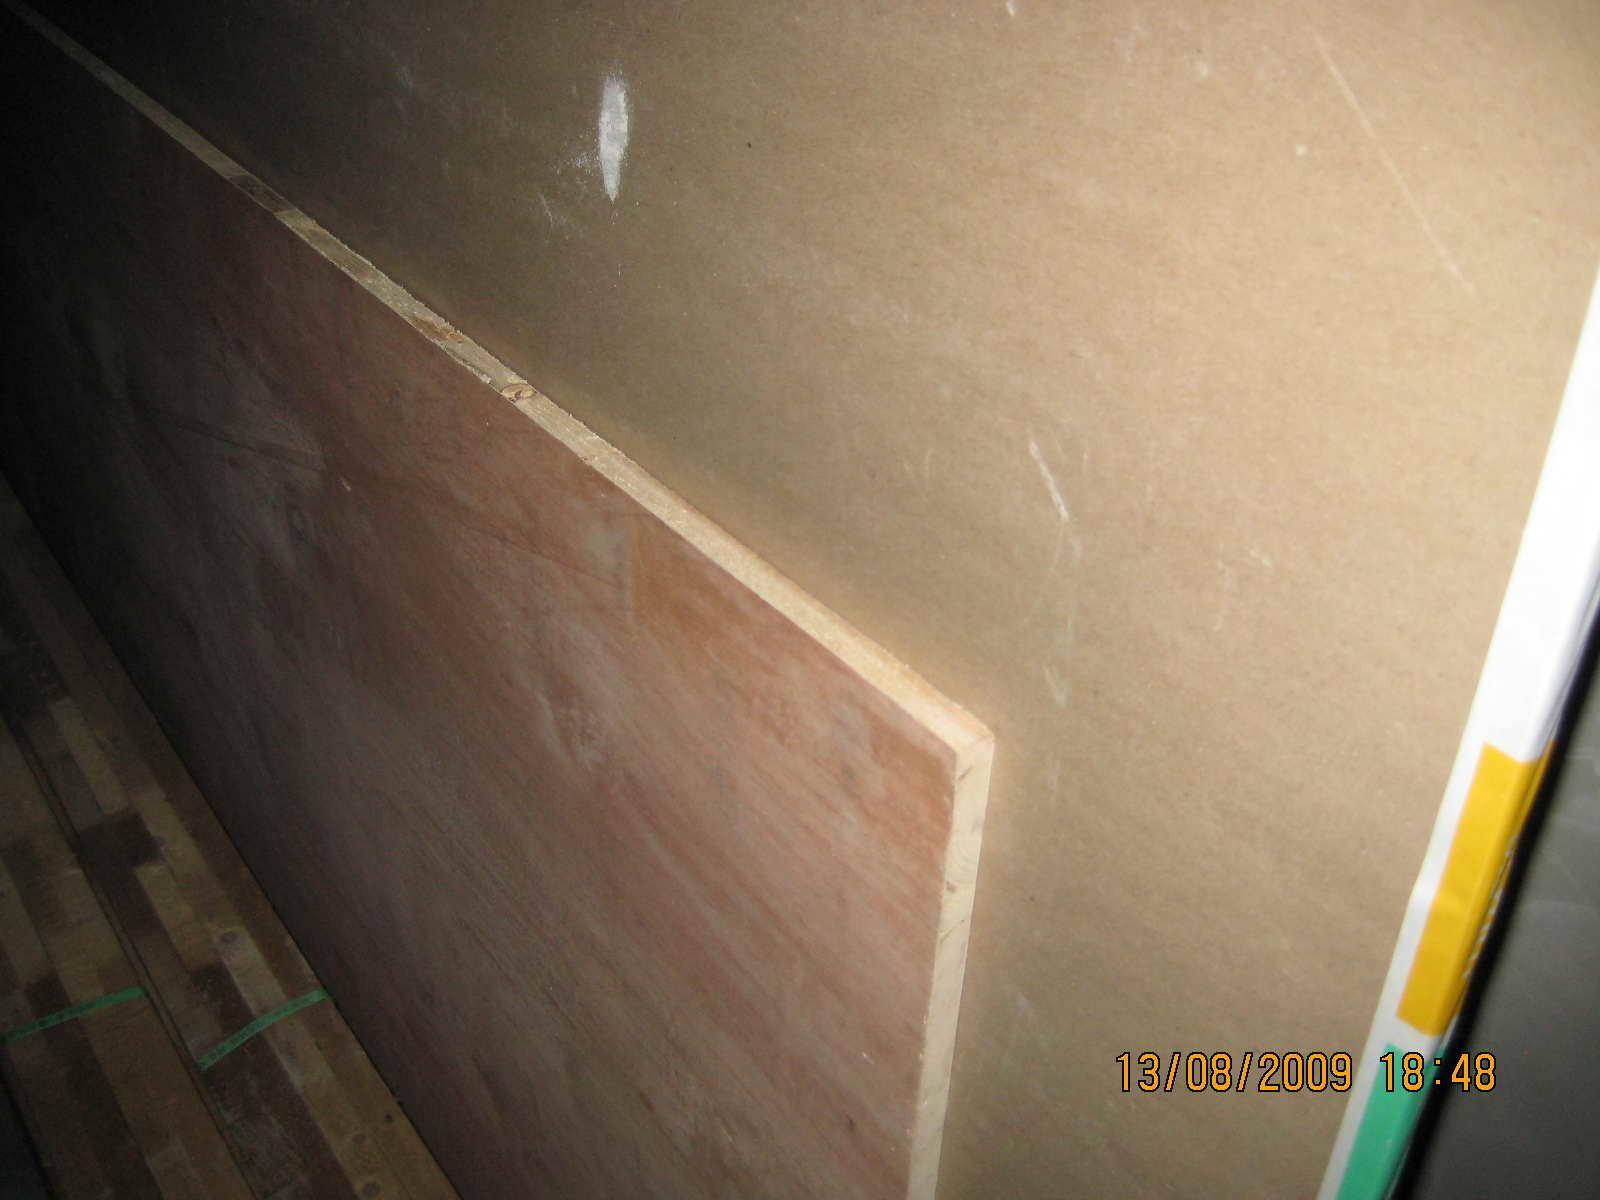 烤漆门制作效果一般.地板铺好了 巨量图片 装修日记 篱笆网